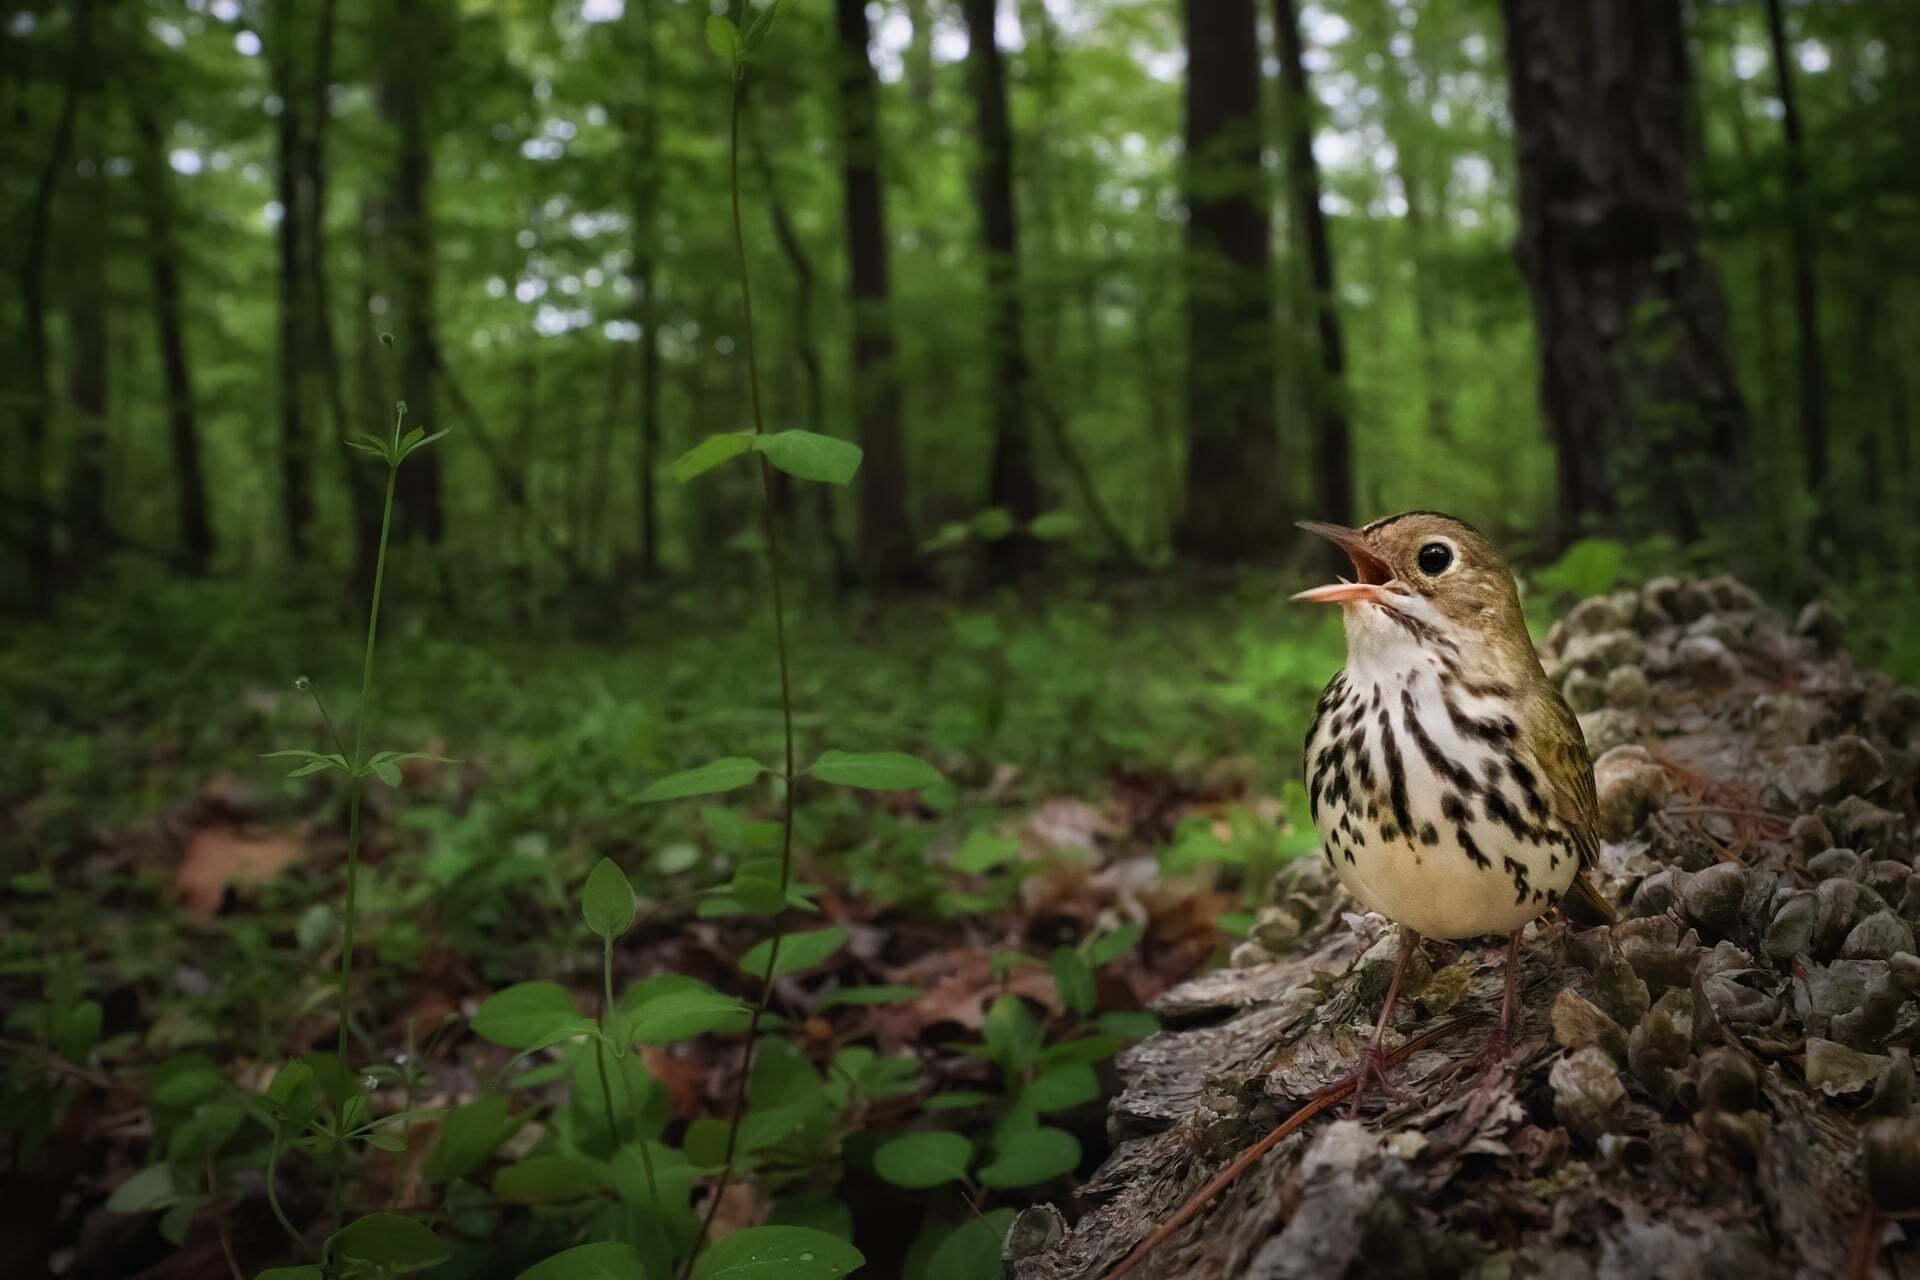 צילום: oshua Galicki /2021 bird photographer of the year